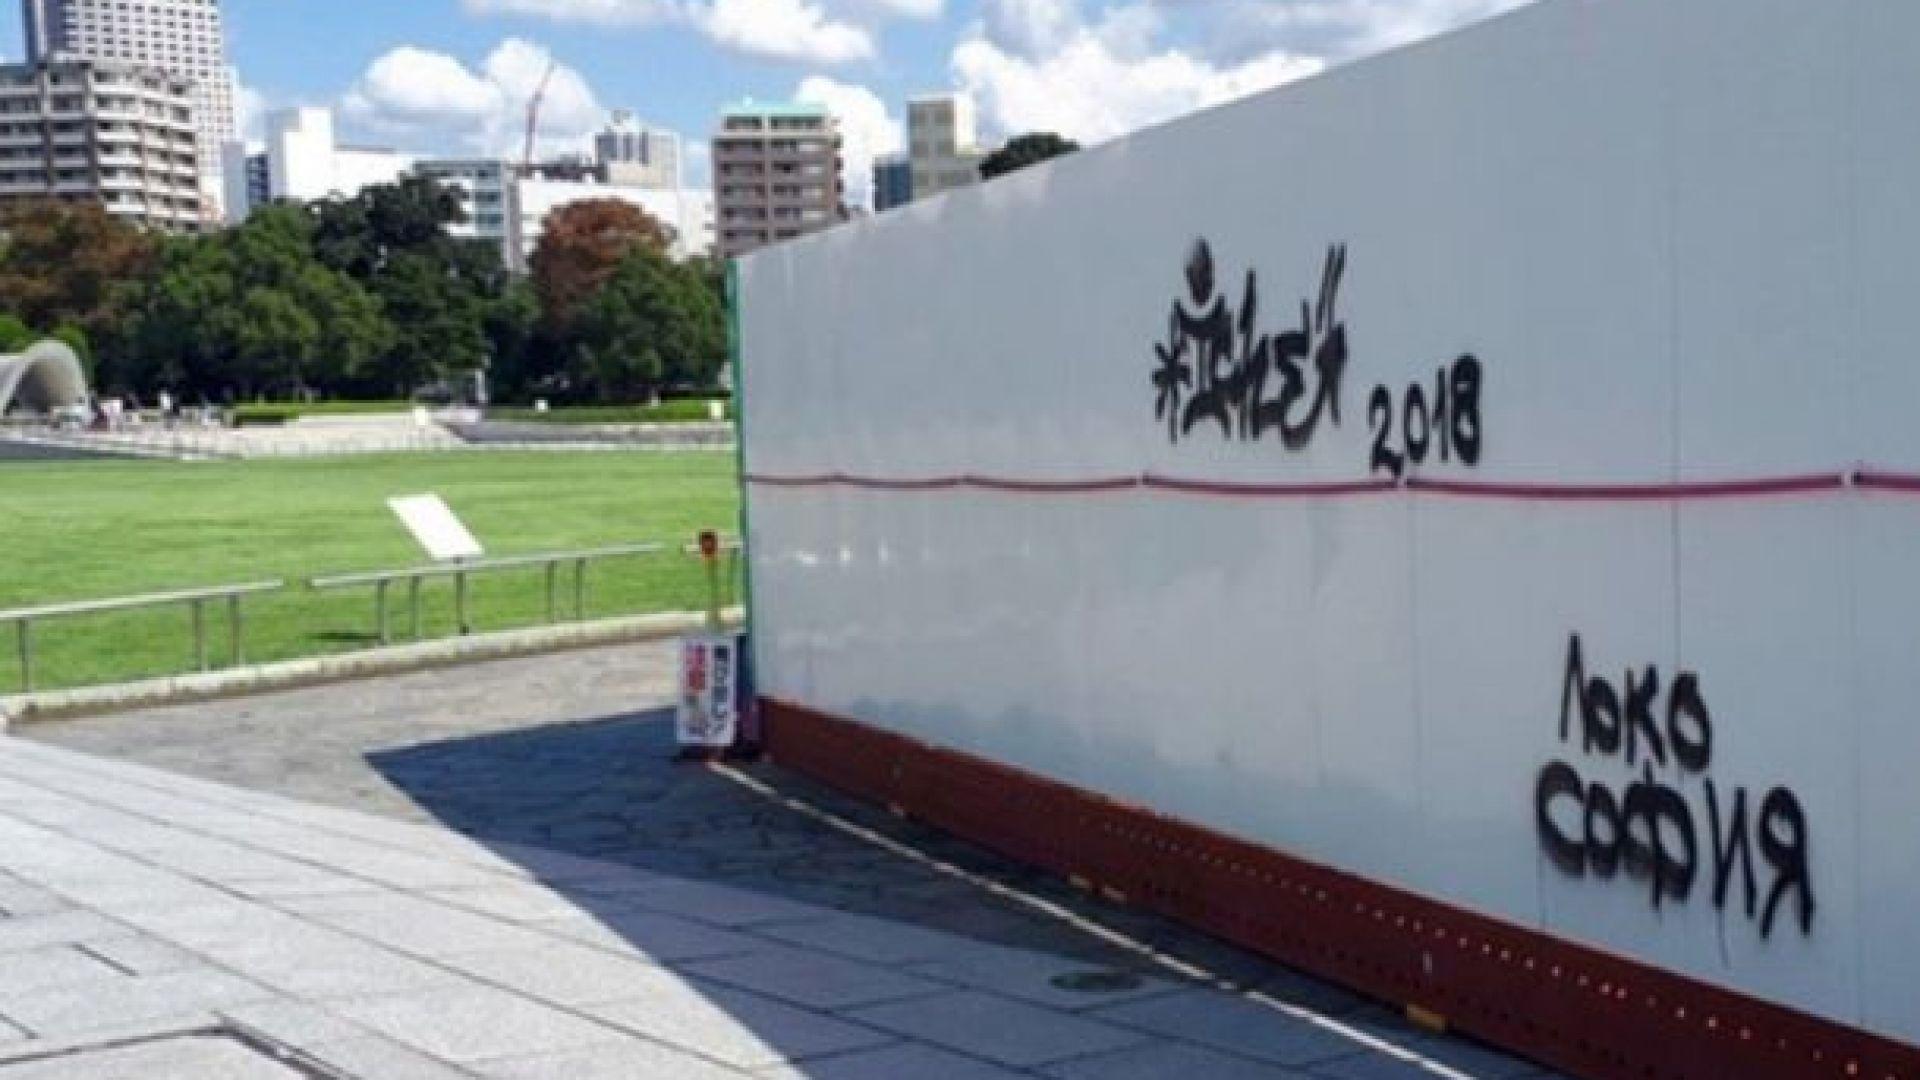 Външно министерство се извини на Япония за хулиганска проява